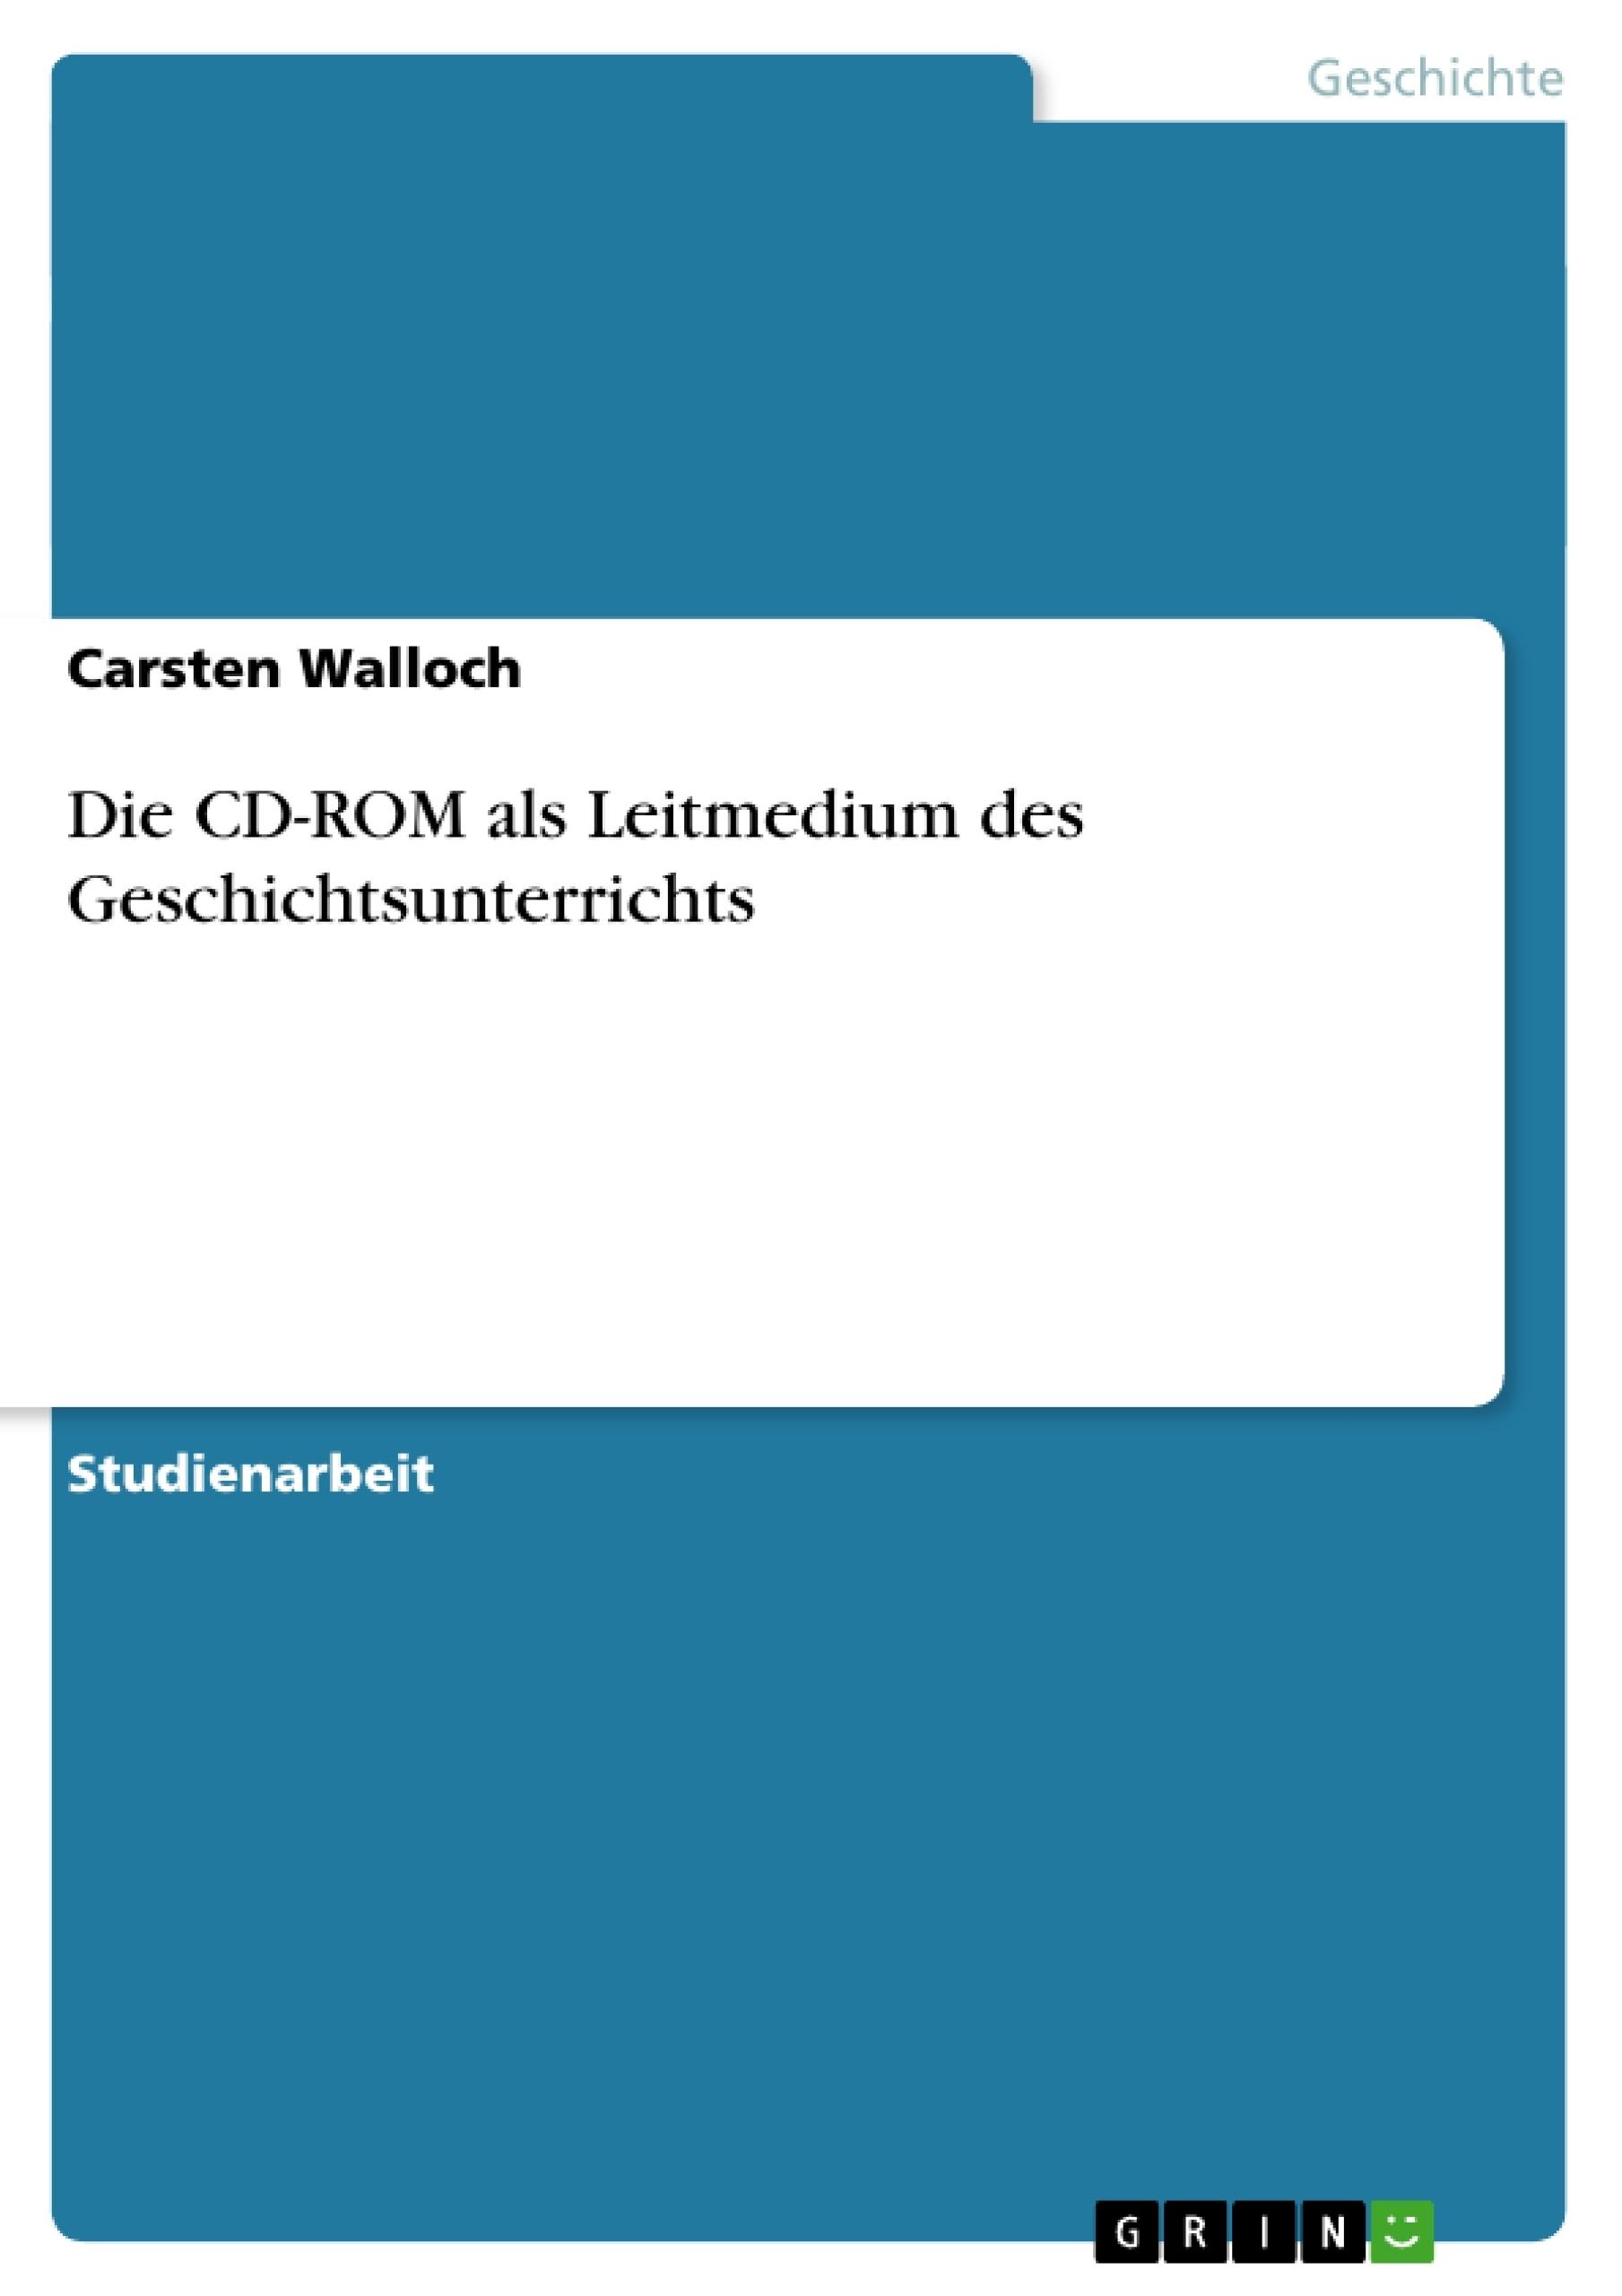 Titel: Die CD-ROM als Leitmedium des Geschichtsunterrichts